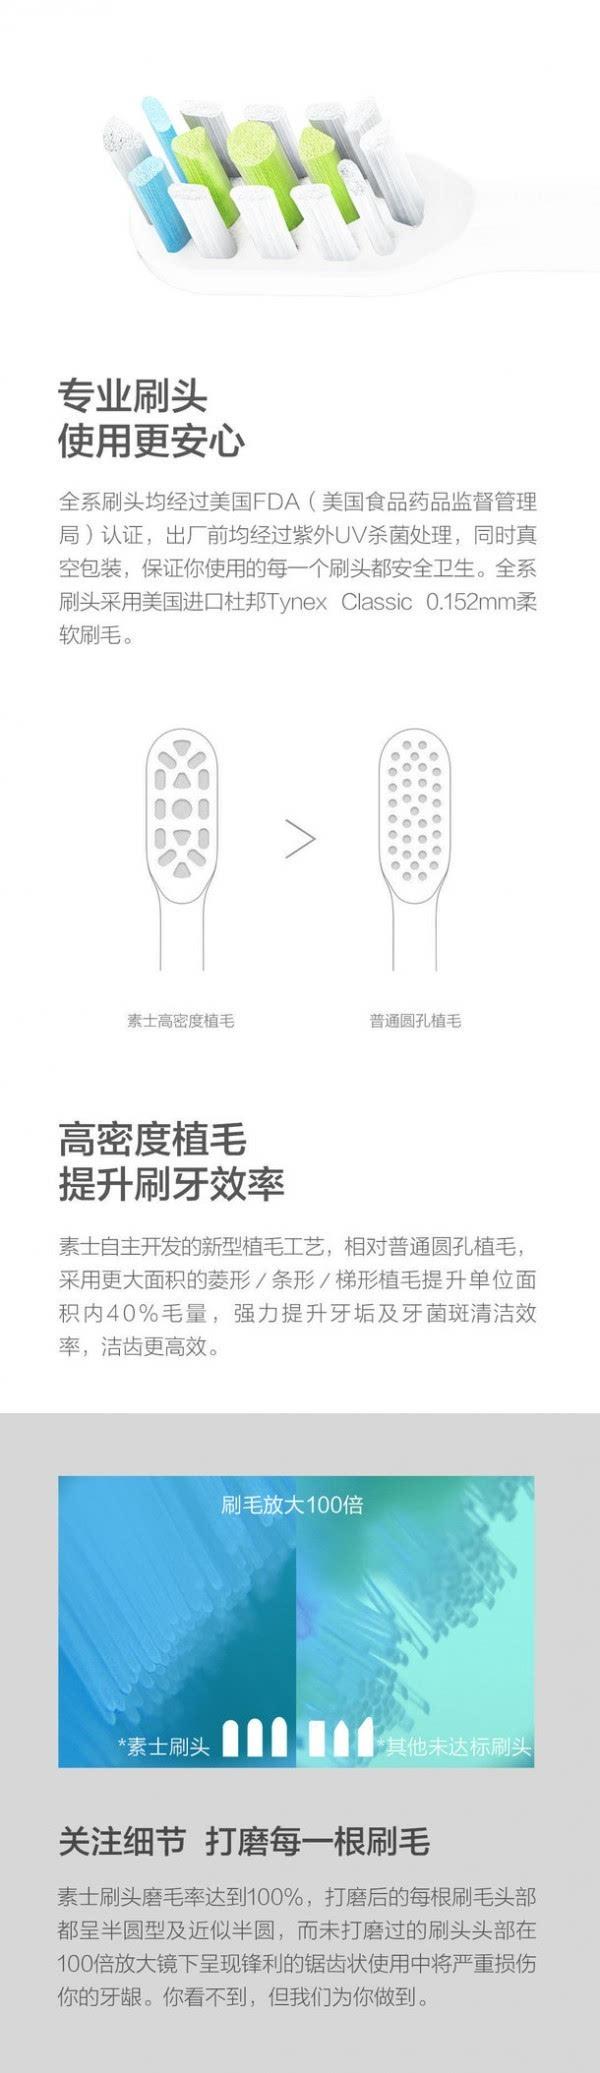 小米正式发布素士声波电动牙刷 售价229元的照片 - 3